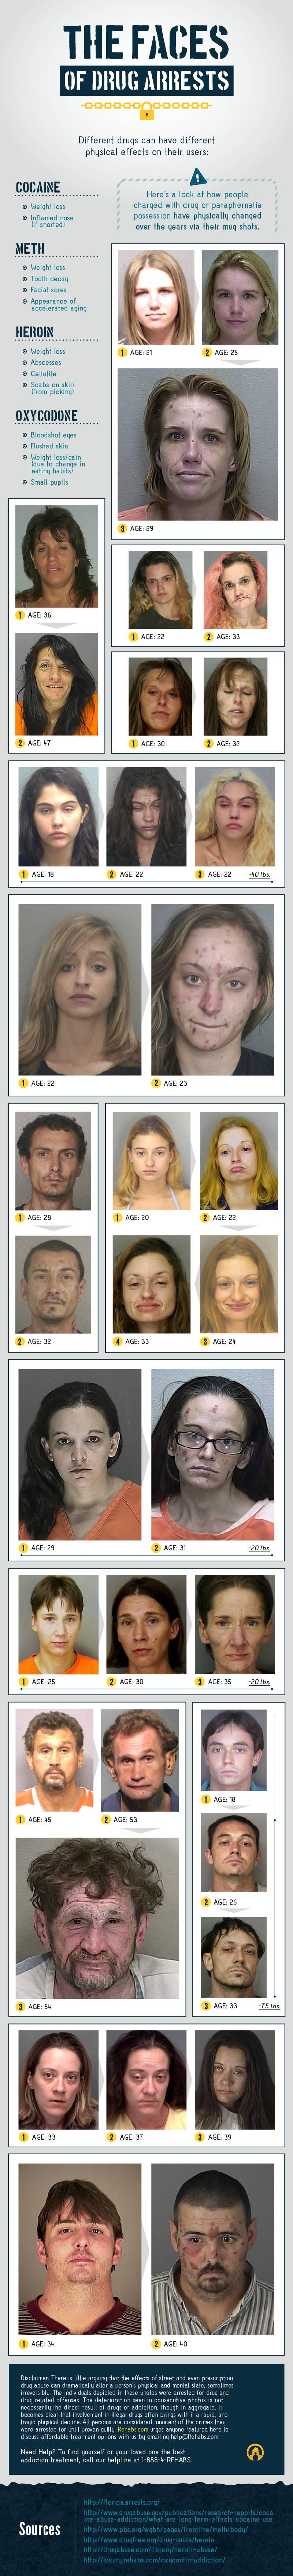 As desagradáveis e terríveis fotos de pessoas antes e depois que as drogas entraram em suas vidas